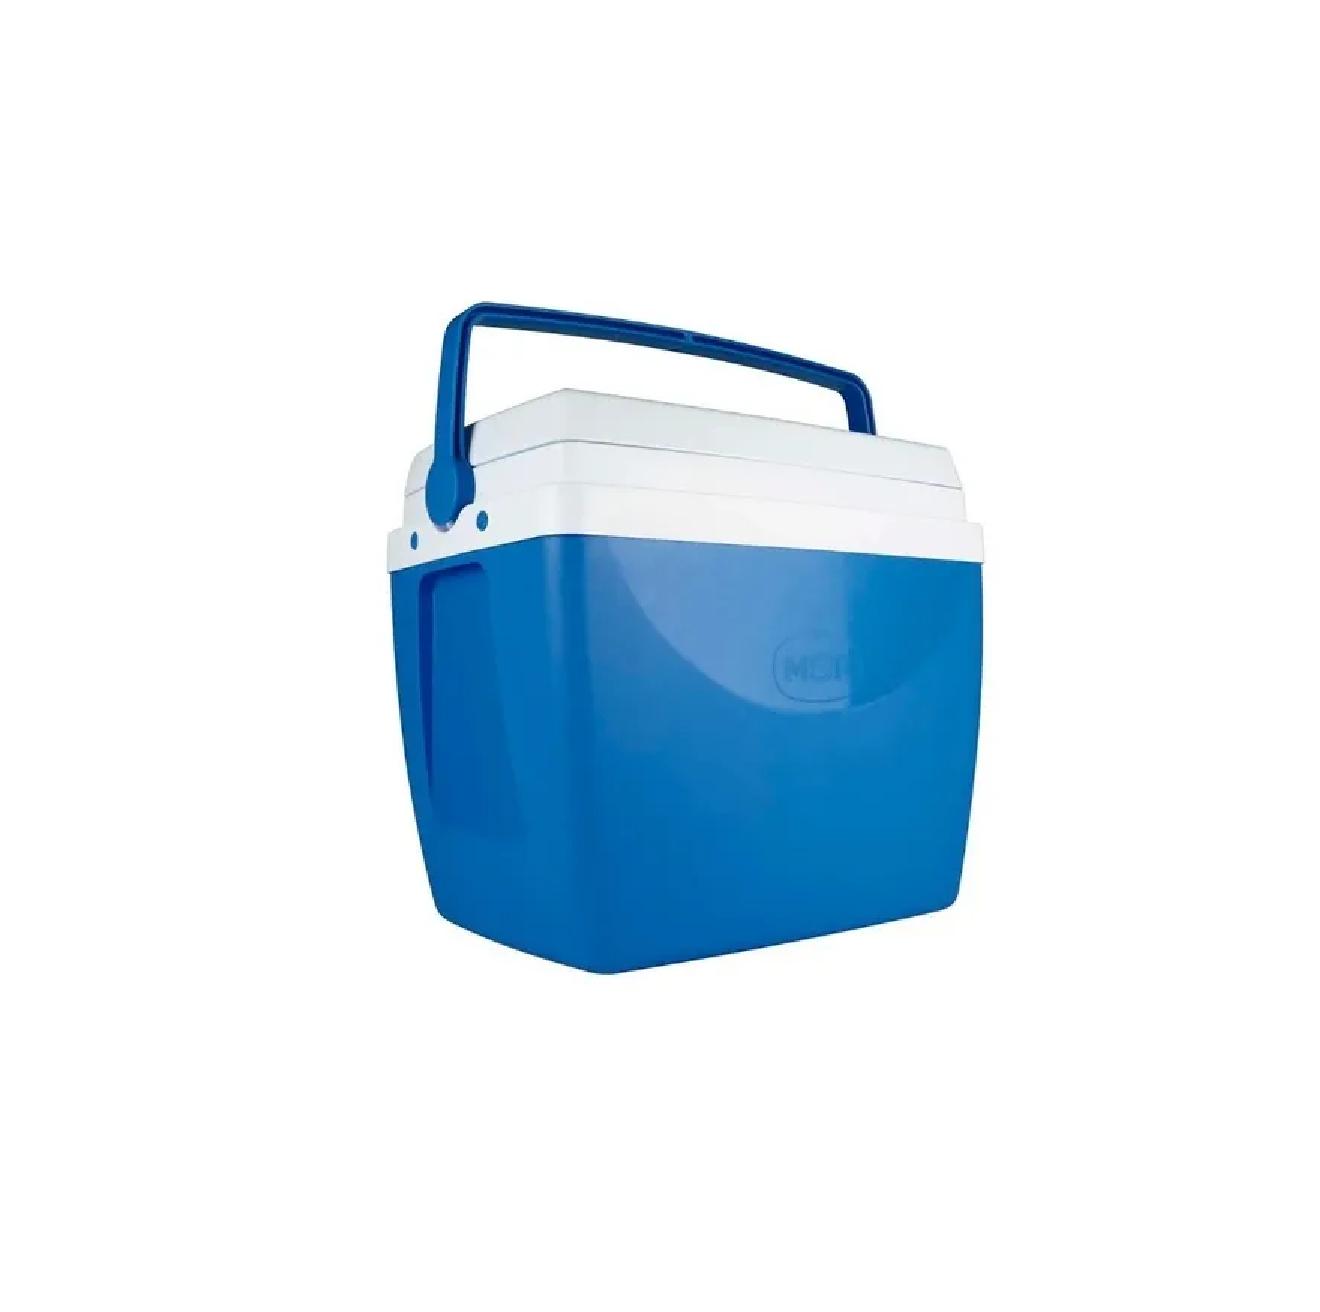 Caixa Térmica Cooler 34L Azul - MOR